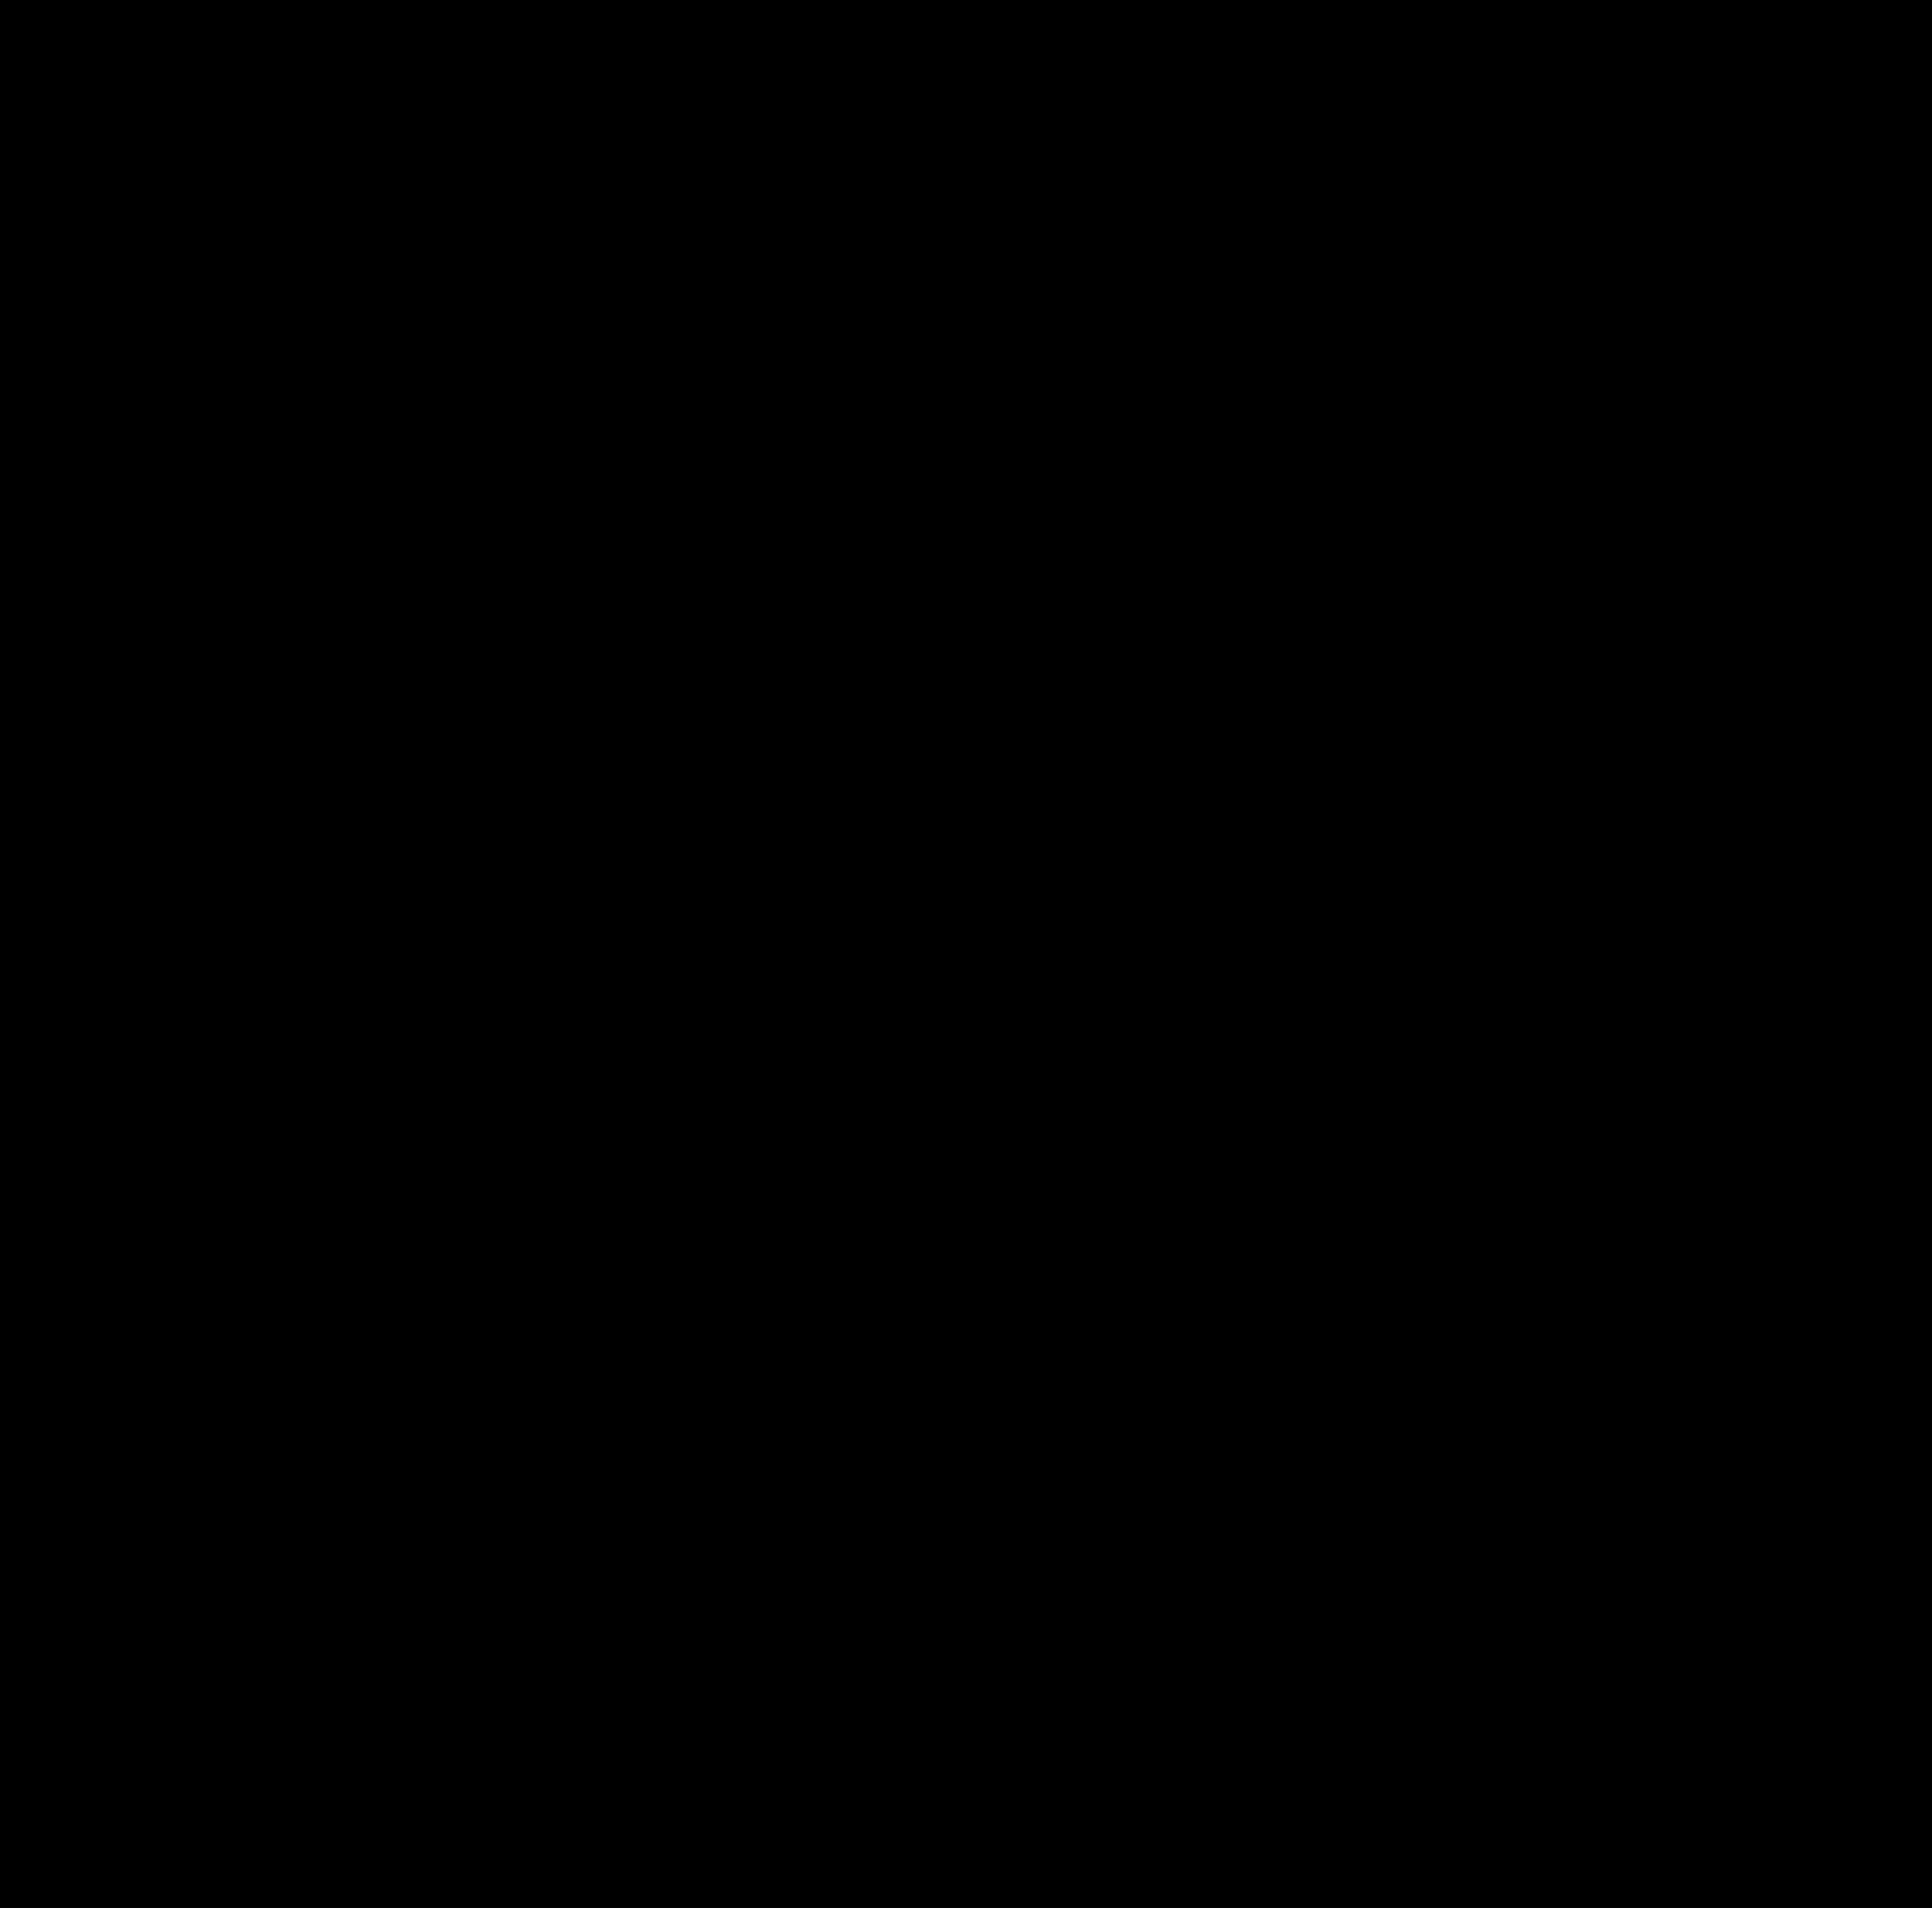 6 circular arrow drawing png transparent onlygfx com 6 circular arrow drawing png